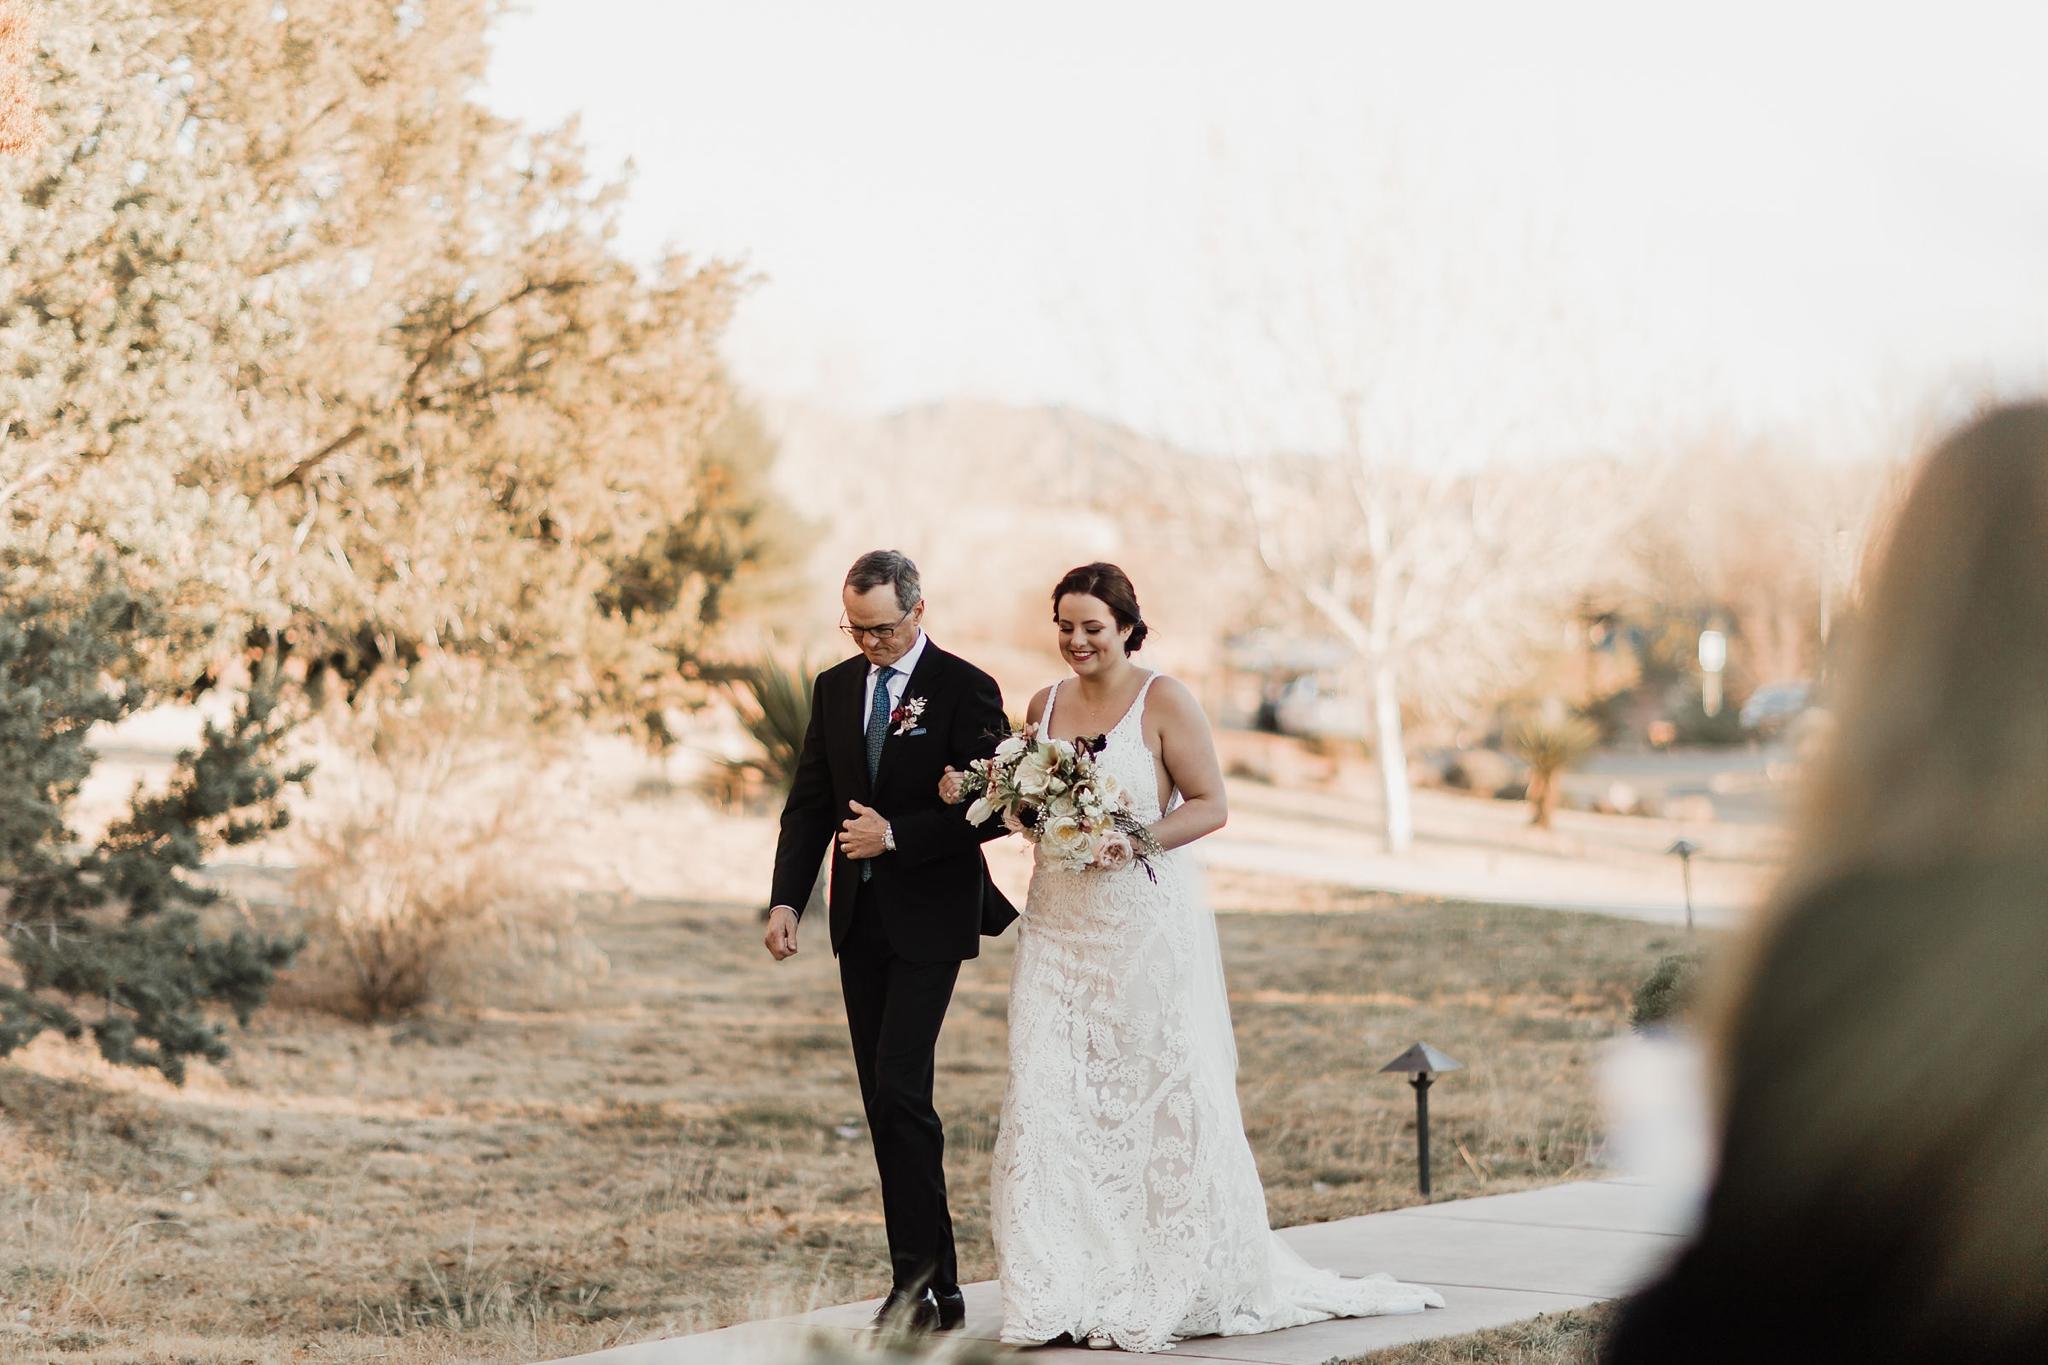 Alicia+lucia+photography+-+albuquerque+wedding+photographer+-+santa+fe+wedding+photography+-+new+mexico+wedding+photographer+-+new+mexico+wedding+-+santa+fe+wedding+-+four+seasons+wedding+-+winter+wedding_0049.jpg